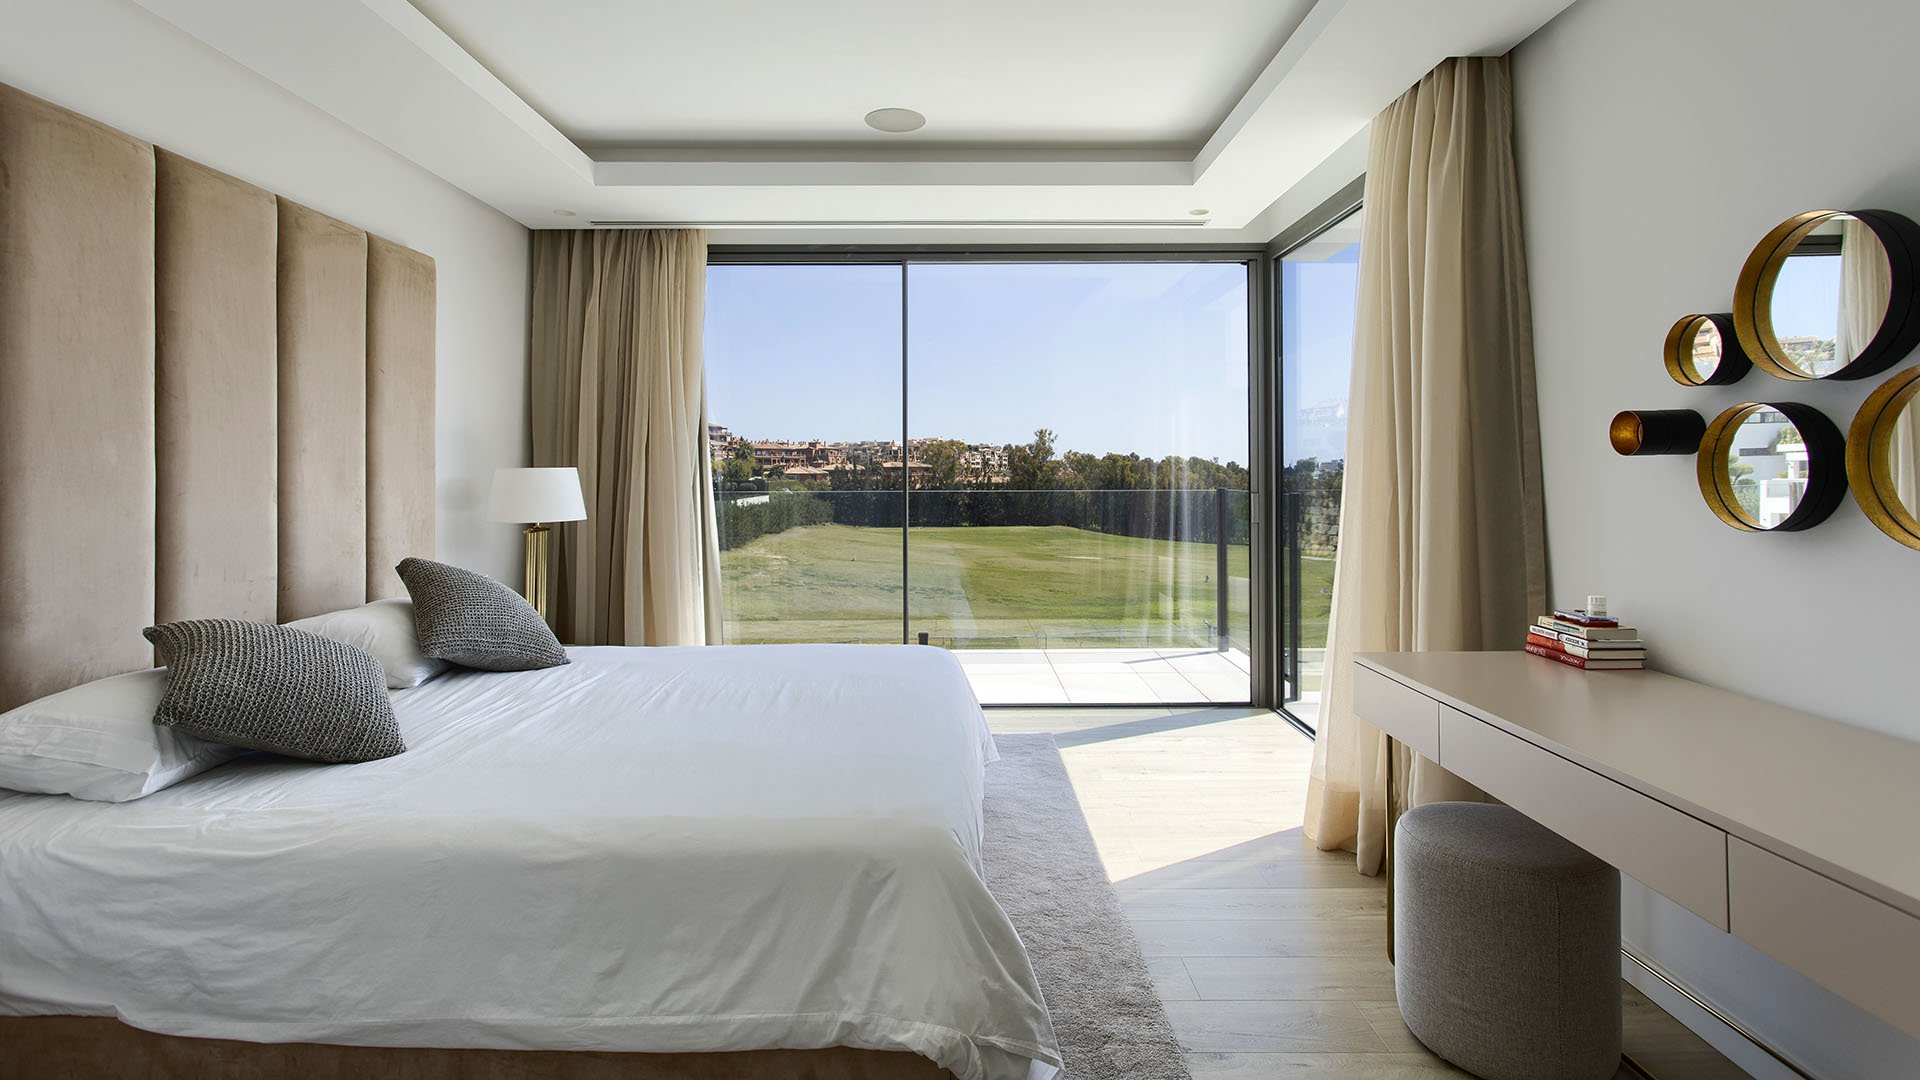 Villa La Alqueria 2: Moderne luxe villa aan de golf van Atalaya, Benahavís